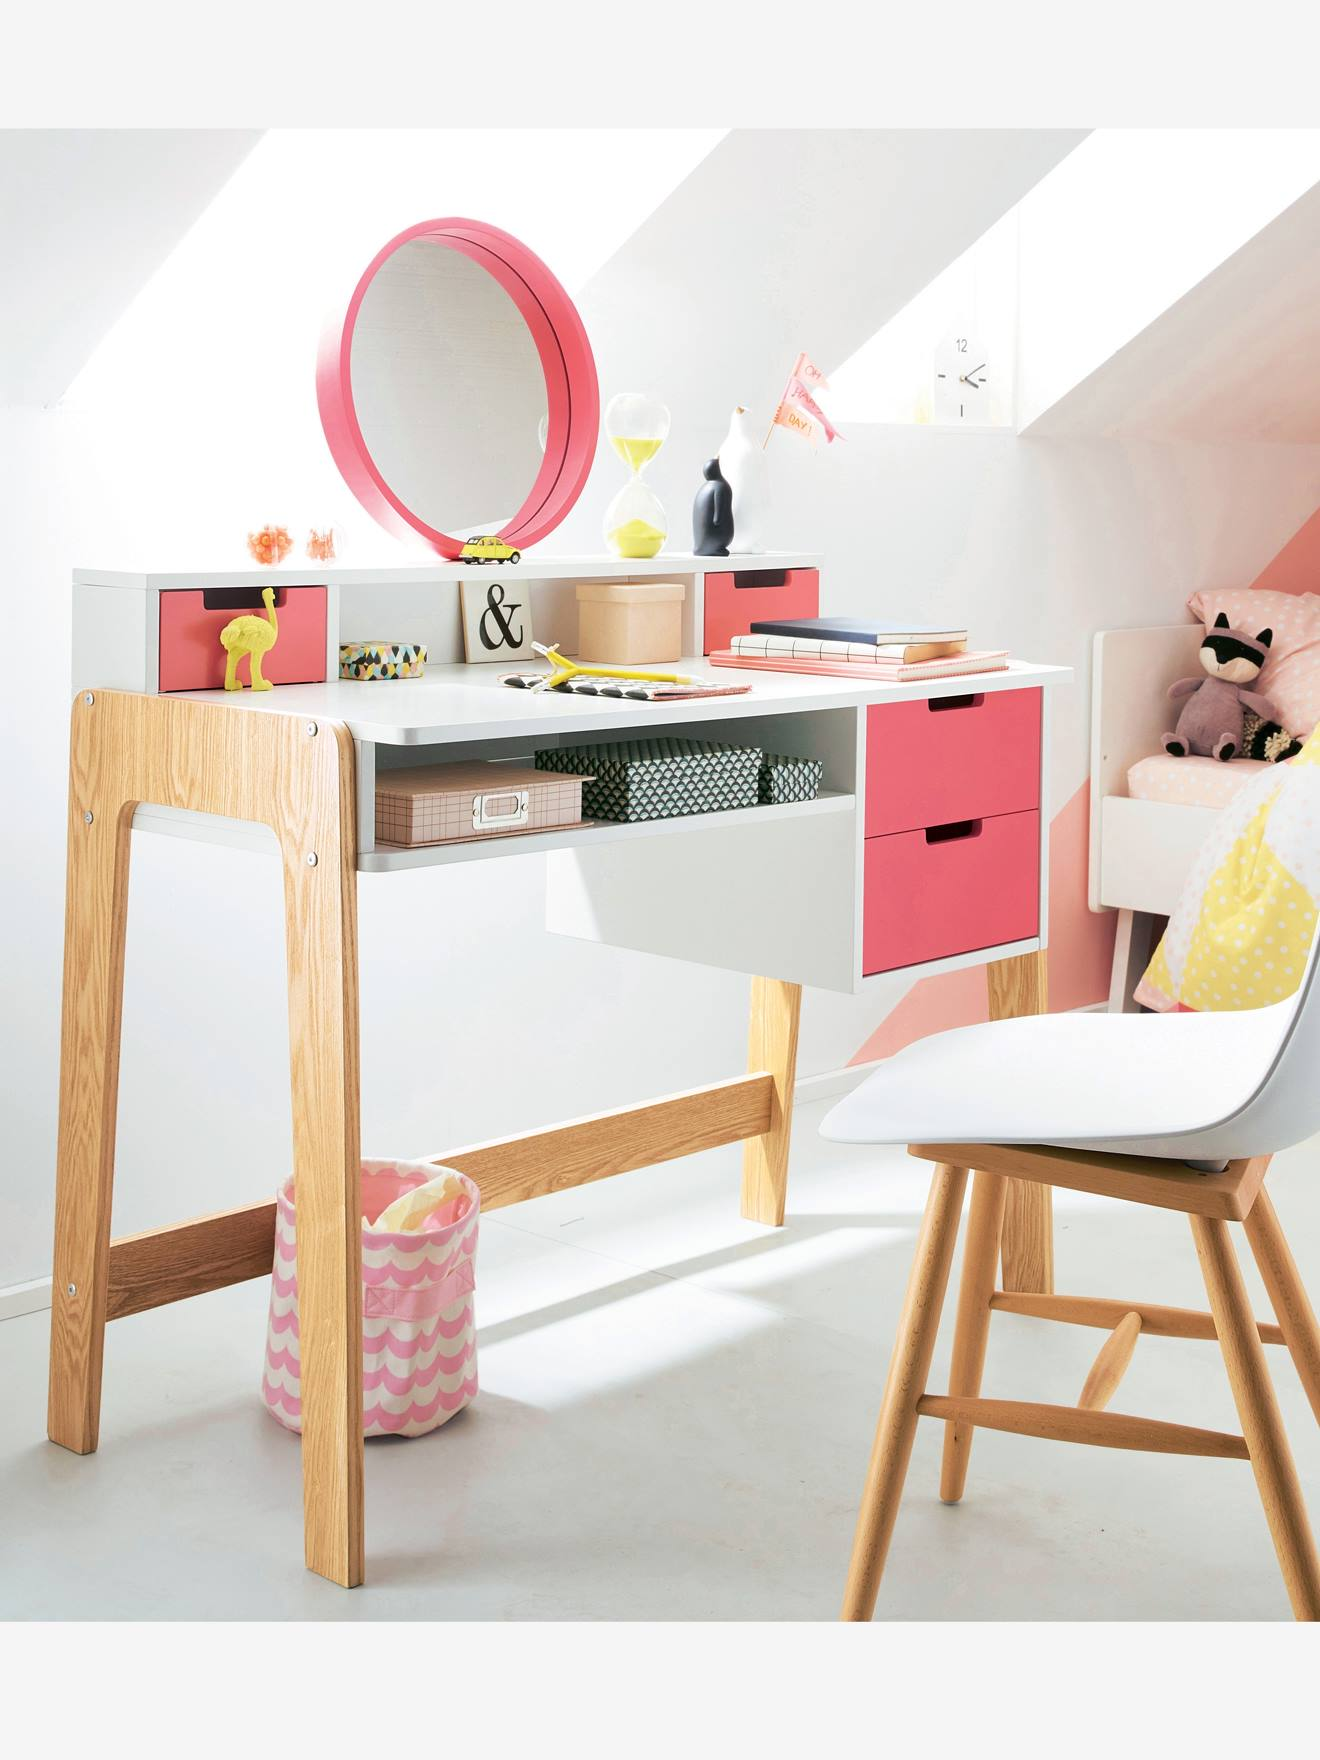 Bureau Coiffeuse Sp Cial Primaire Color Blocs Blanc Rose Bois  # Image D'Un Jolie Bureau Avec Bcp De Meubles